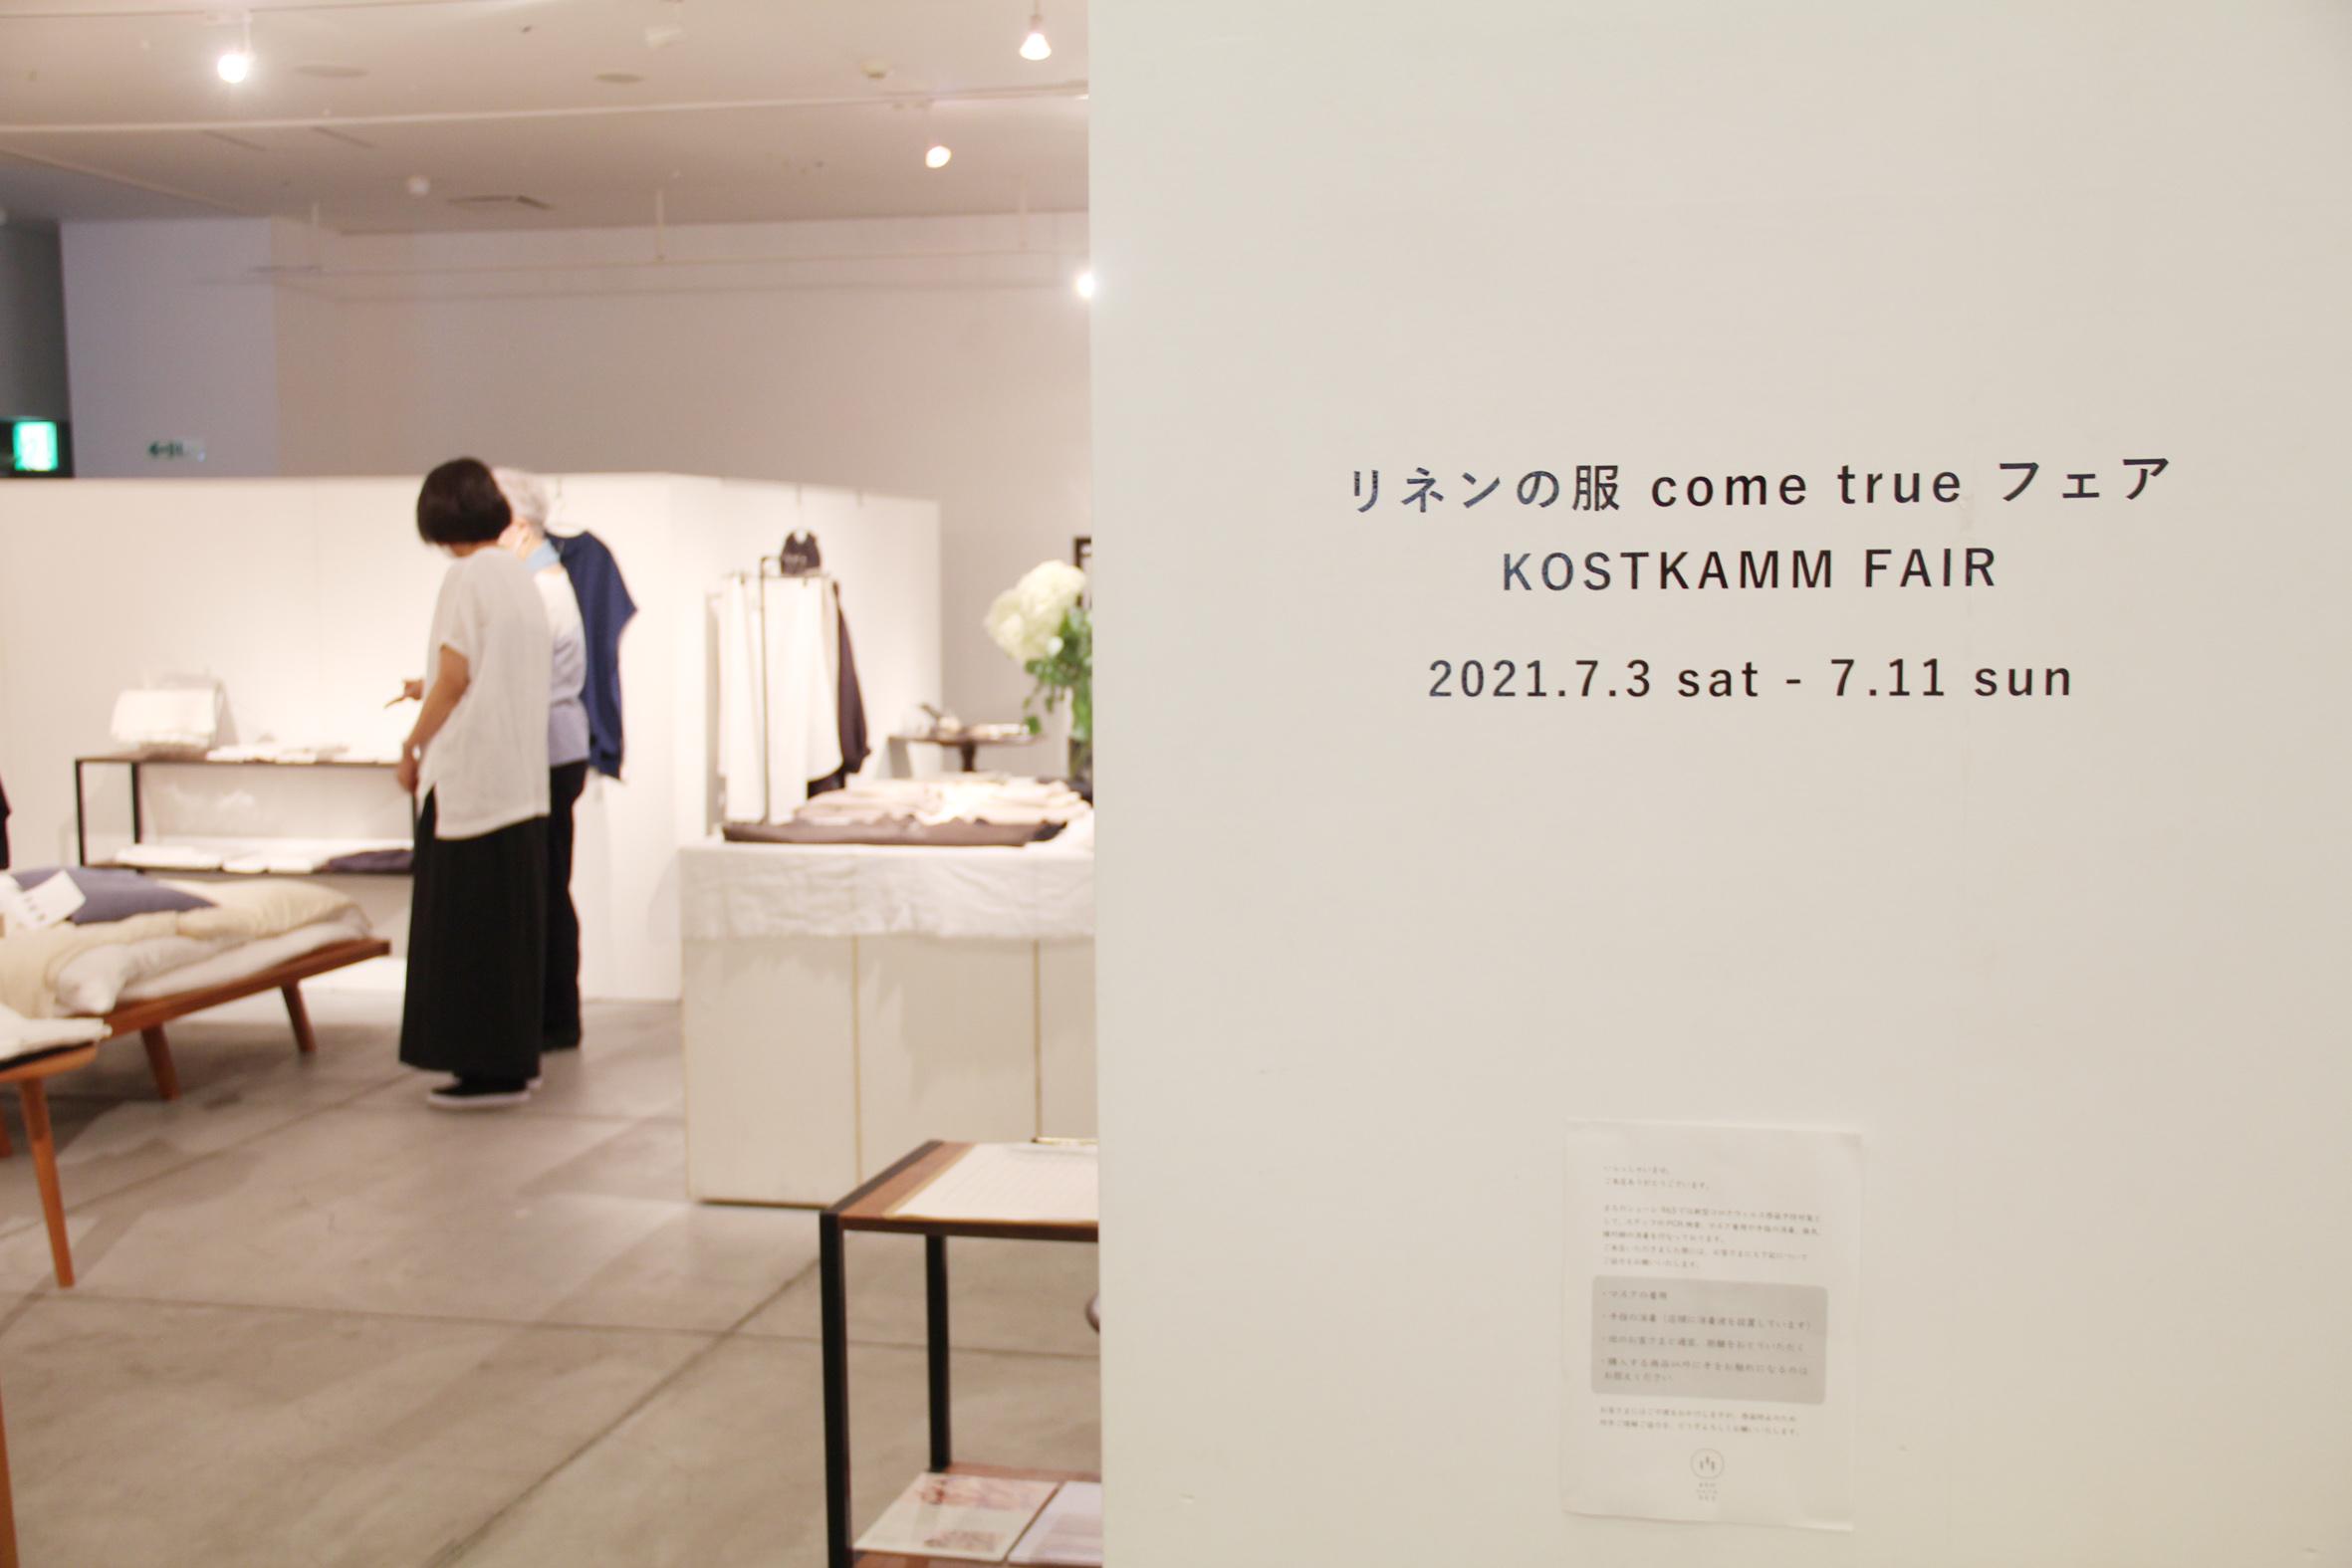 https://www.schule.jp/hibinokoto/IMG_1130_r.jpg